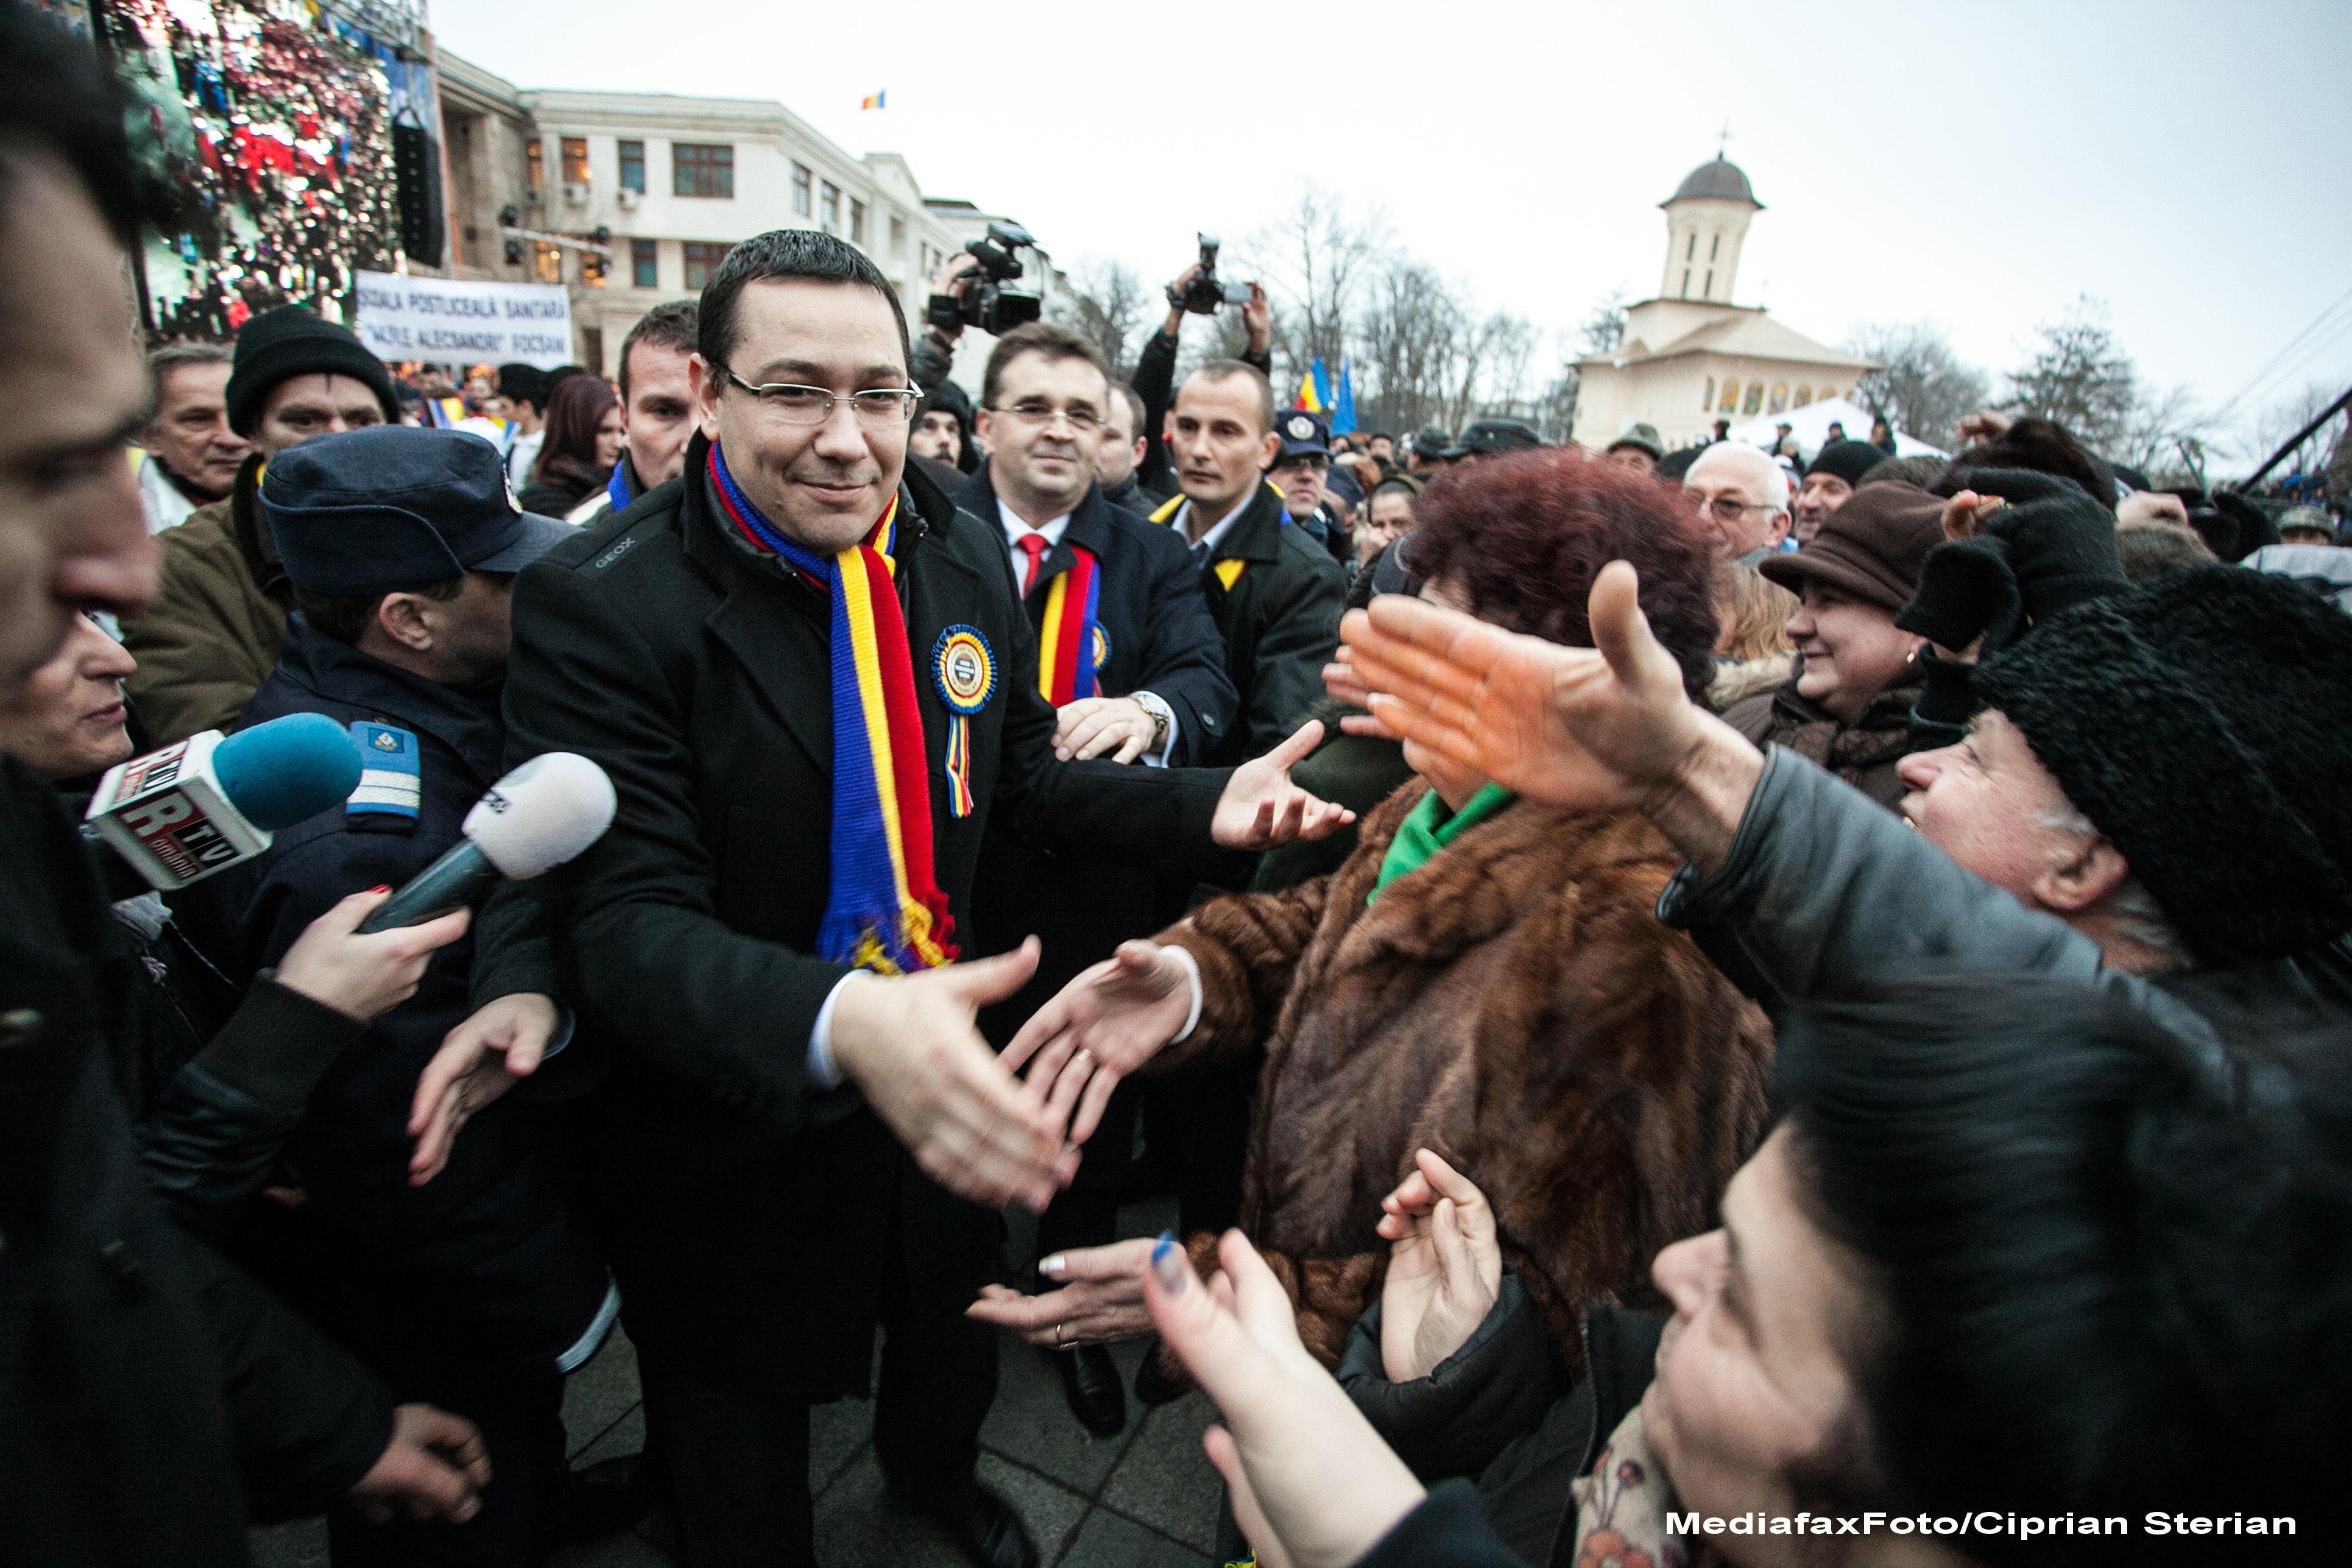 Un membru PSD il sfatuieste pe Victor Ponta sa nu vina de Ziua Unirii in Iasi fiindca ar putea fi fluierat